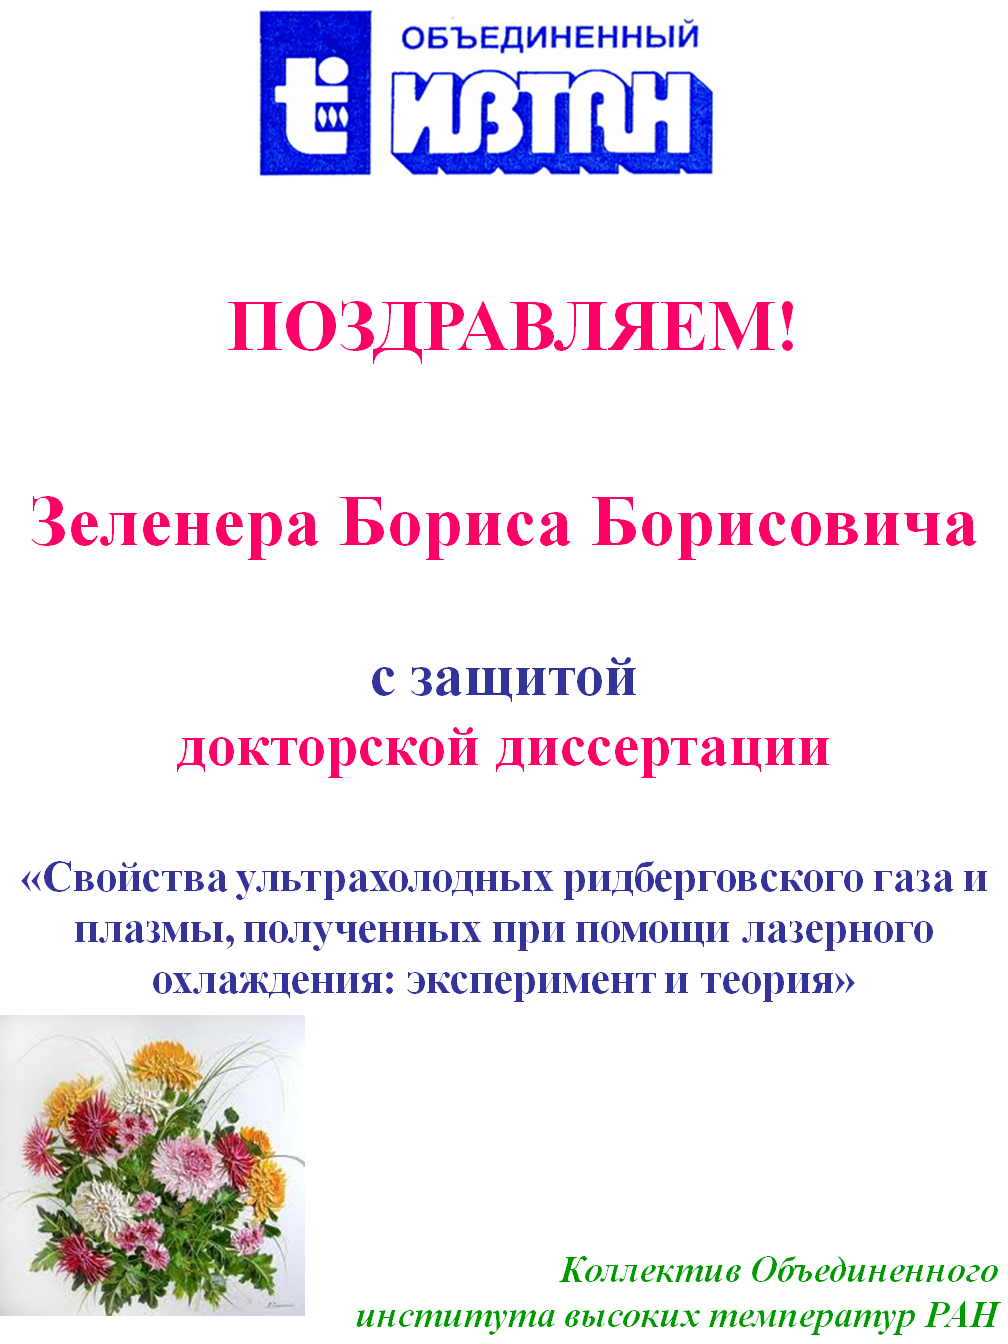 Поздравления с защитой докторской диссертации открытка